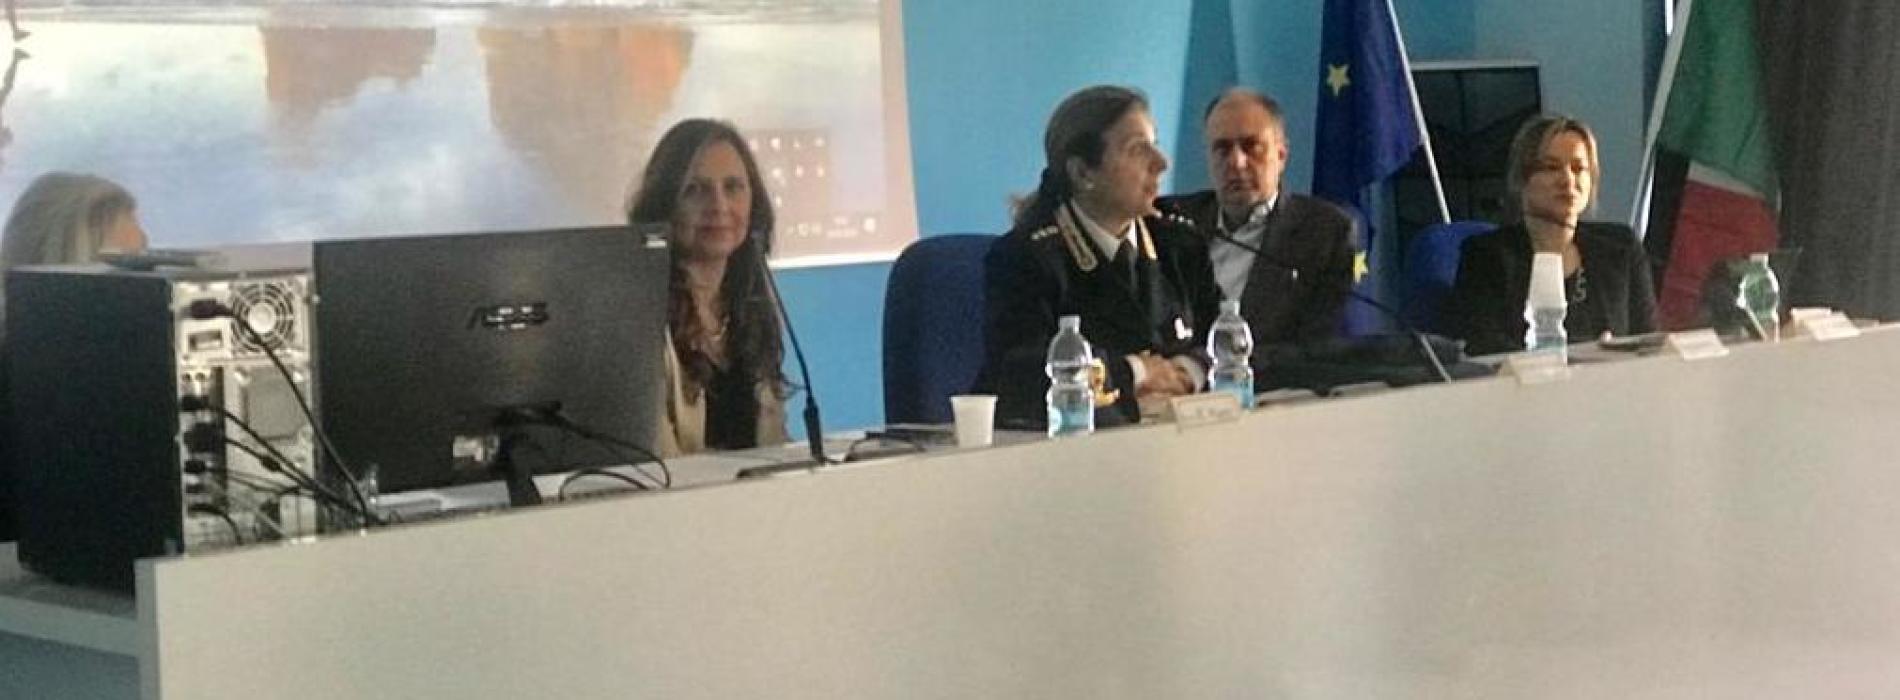 Prevenzione e lotta al Bullismo, all'Itis Giordani il seminario